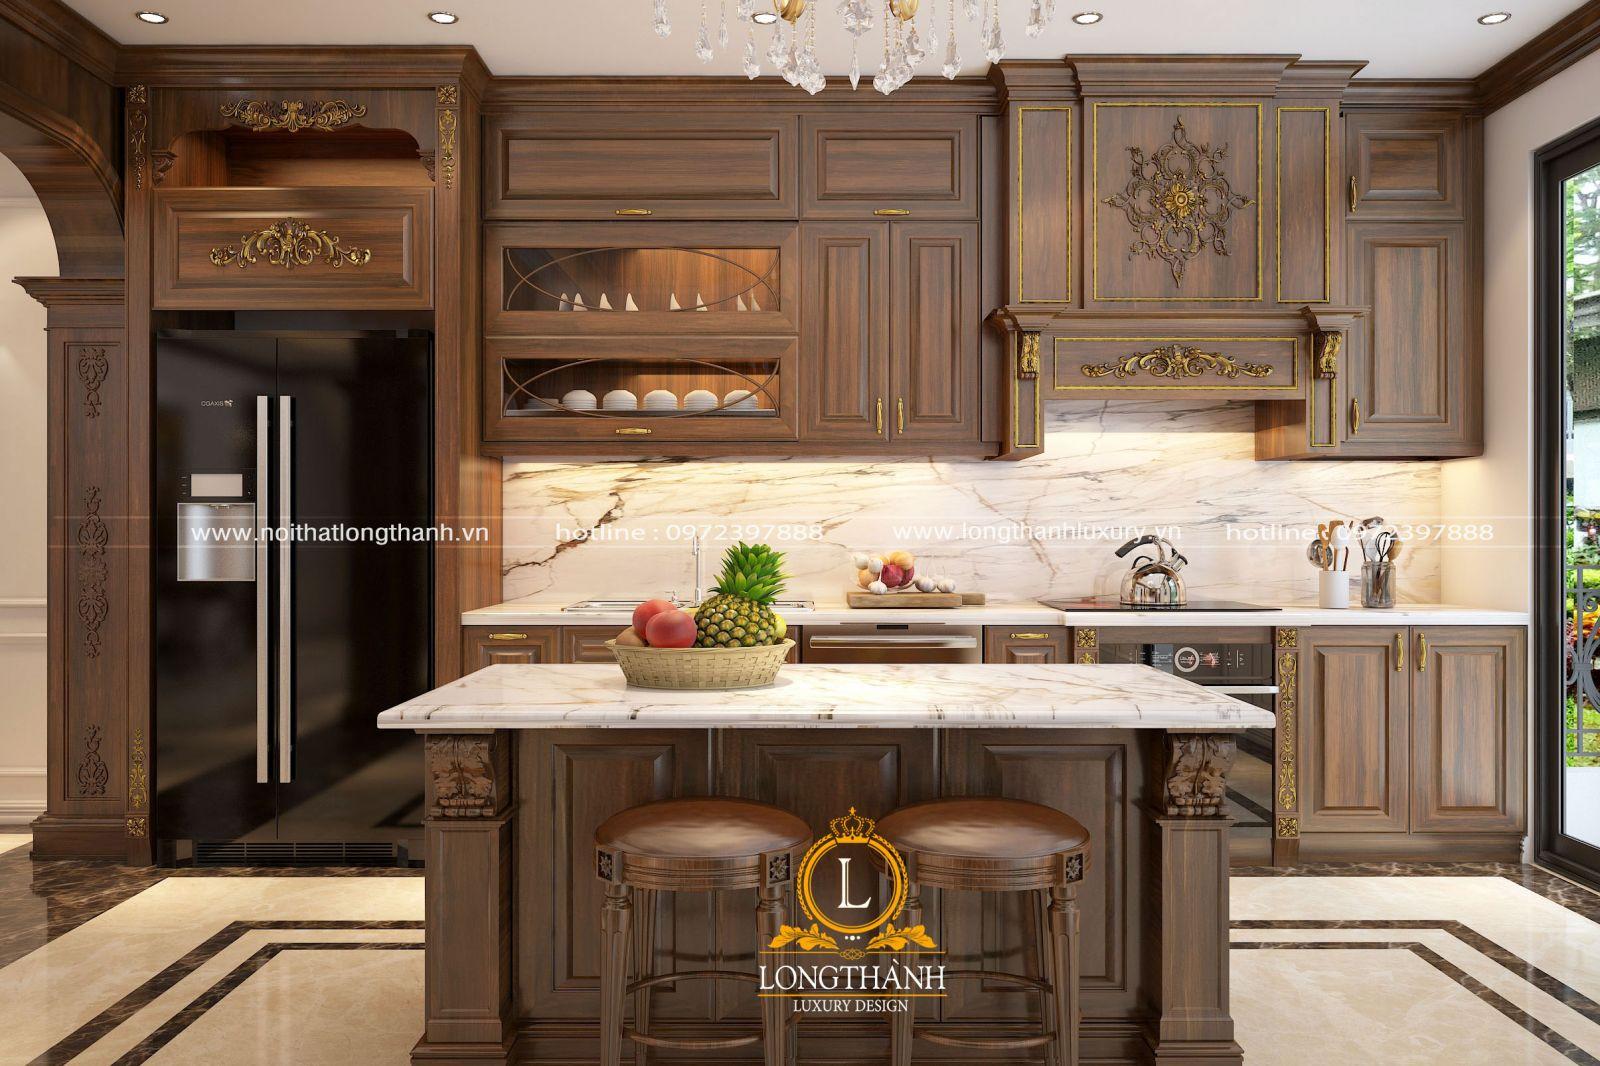 Tủ bếp tân cổ điển từ gỗ Gõ tự nhiên được chạm khắc các họa tiết hoa văn sang trọng